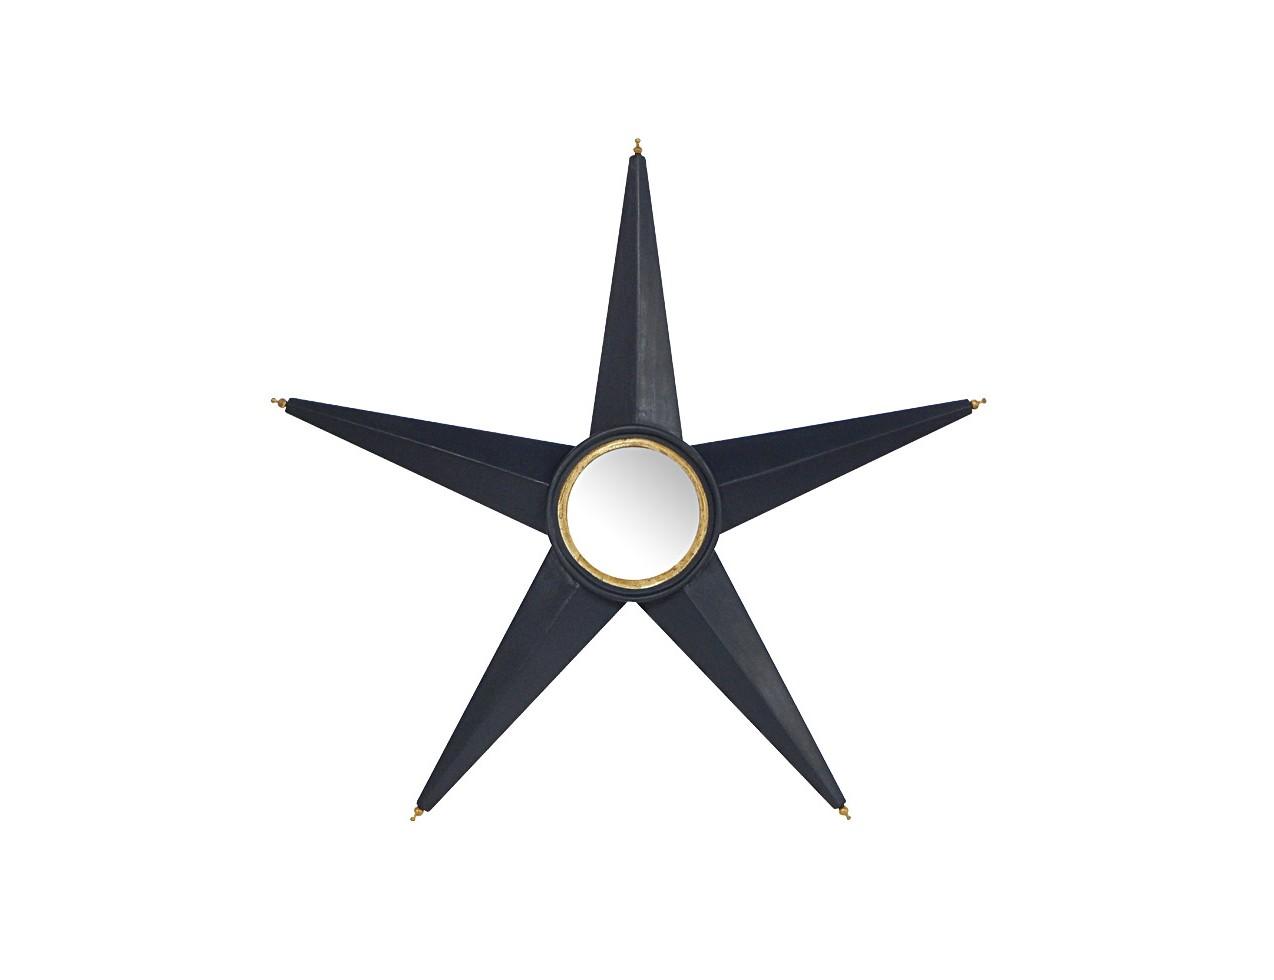 Зеркало StarburstНастенные зеркала<br><br><br>Material: Стекло<br>Width см: None<br>Depth см: 14<br>Height см: None<br>Diameter см: 100